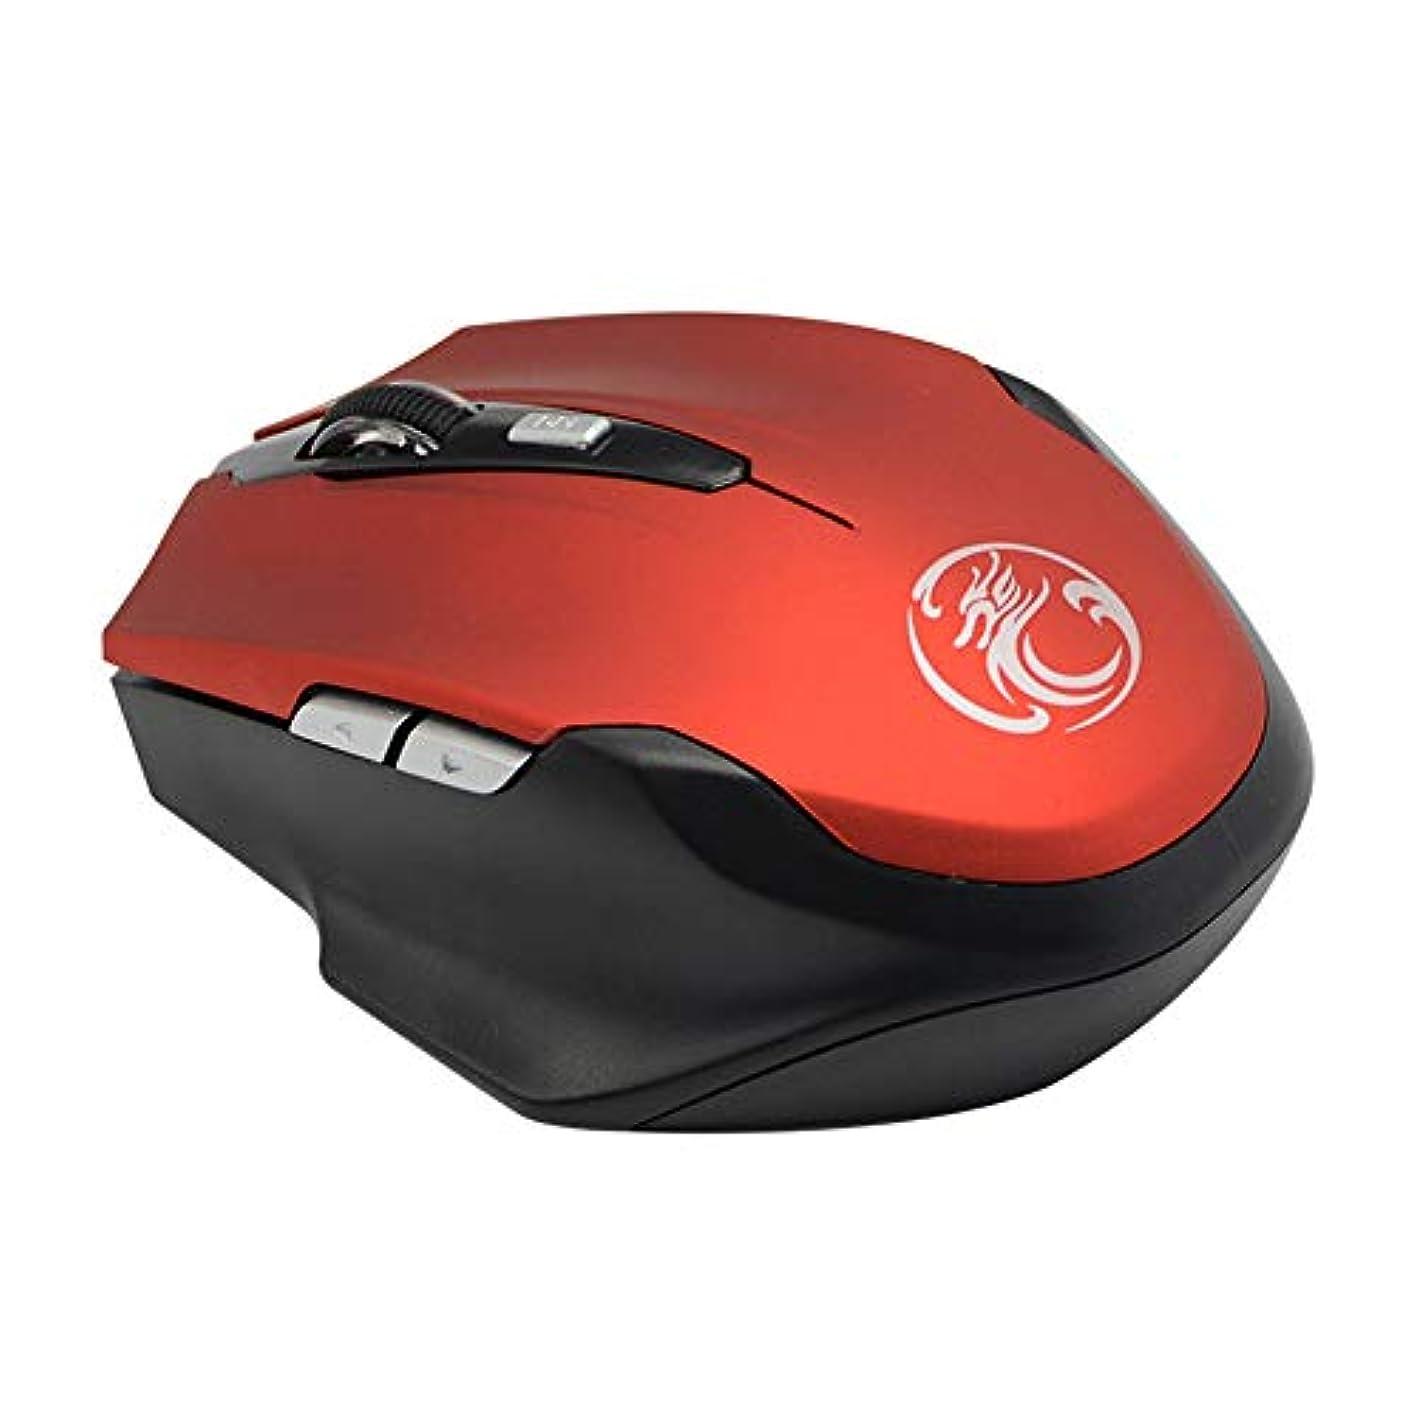 欠点スロースイ?Tospils マウス -ワイヤレスマウス、1600DPI 2.4 ghz 6Buttons ワイヤレス光学ゲーミングマウスゲームマウス互換性ノートブック、PC、ノートパソコン、コンピュータ